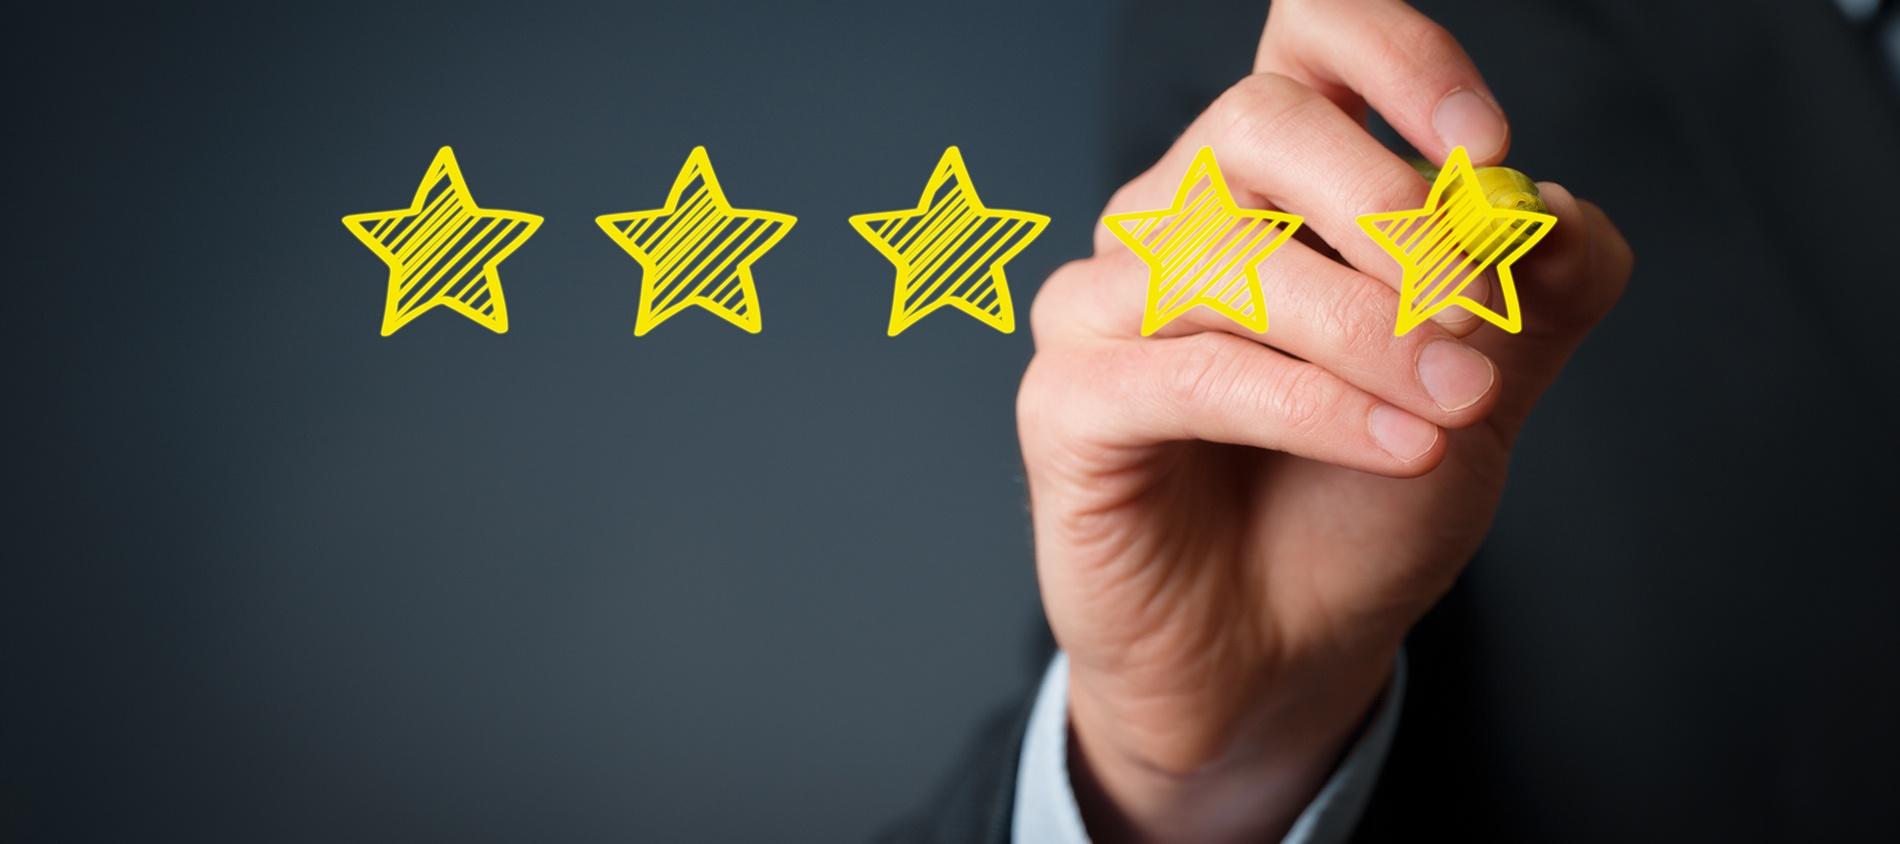 4 puntos clave para obtener visitas calificadas en tu sitio web